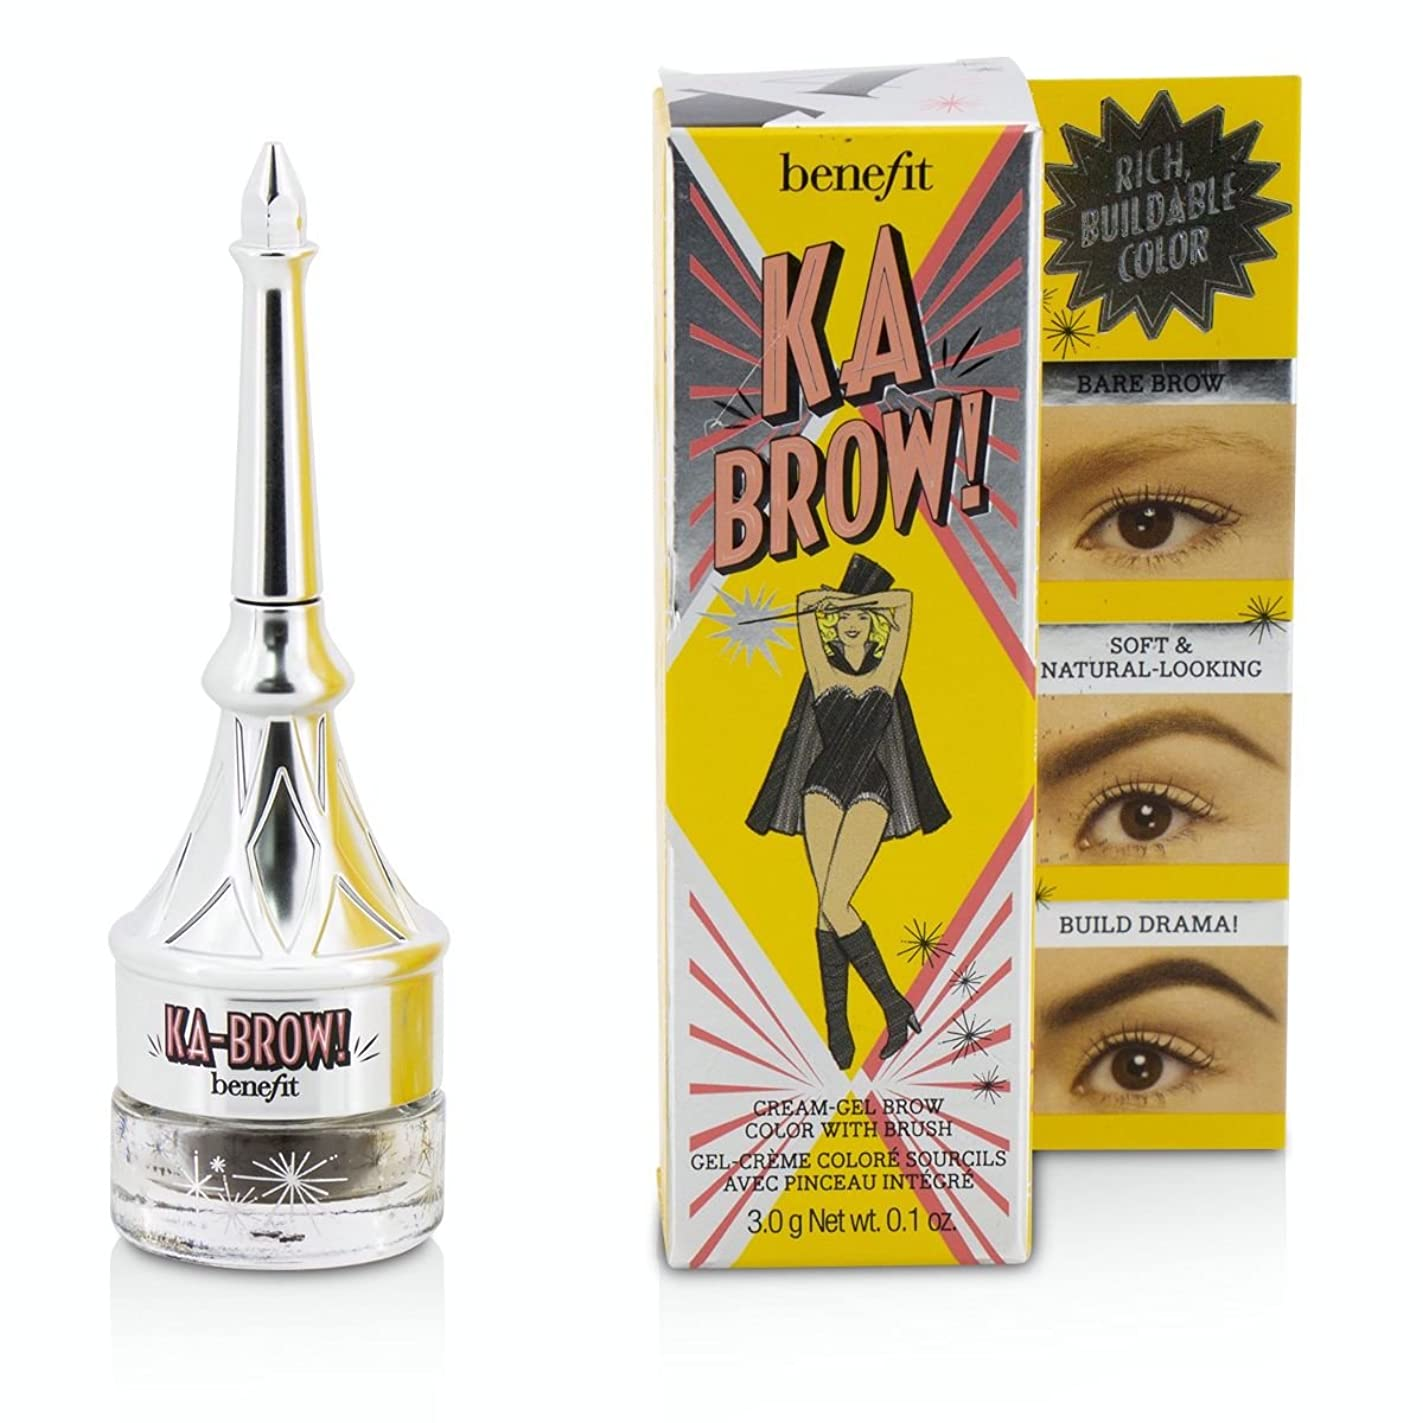 ハング嫌がらせ仮定、想定。推測[Benefit(ベネフィット)] ブラシでのKa眉クリームジェル眉色 - #4(ミディアム) 3g/0.1oz